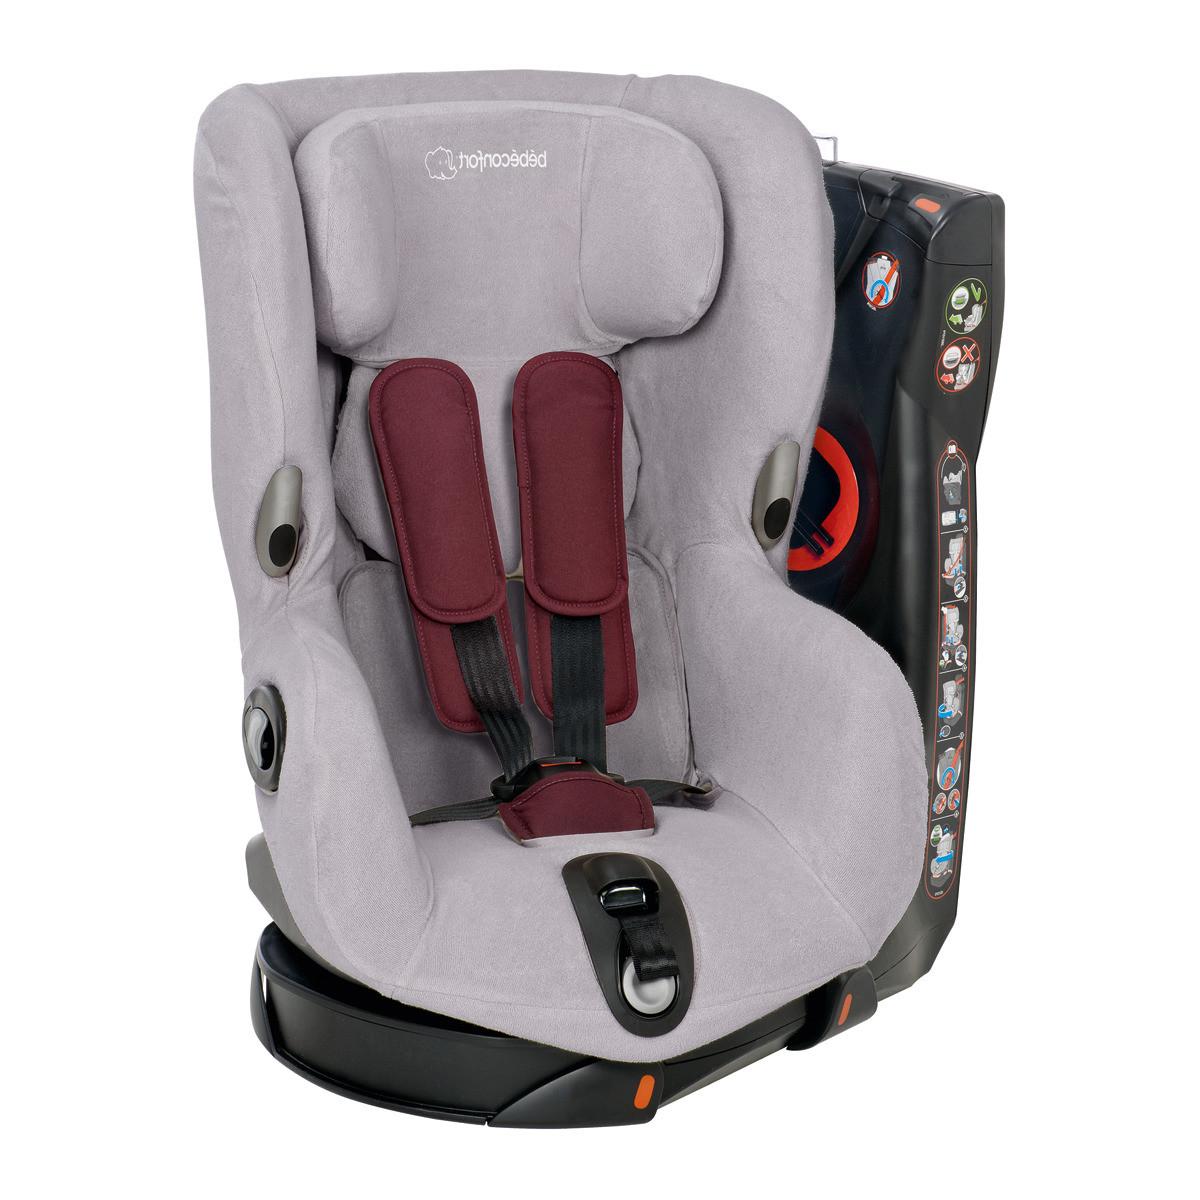 ConfortOpiniones de Funda silla Axiss para Bébé verano odCrxeB